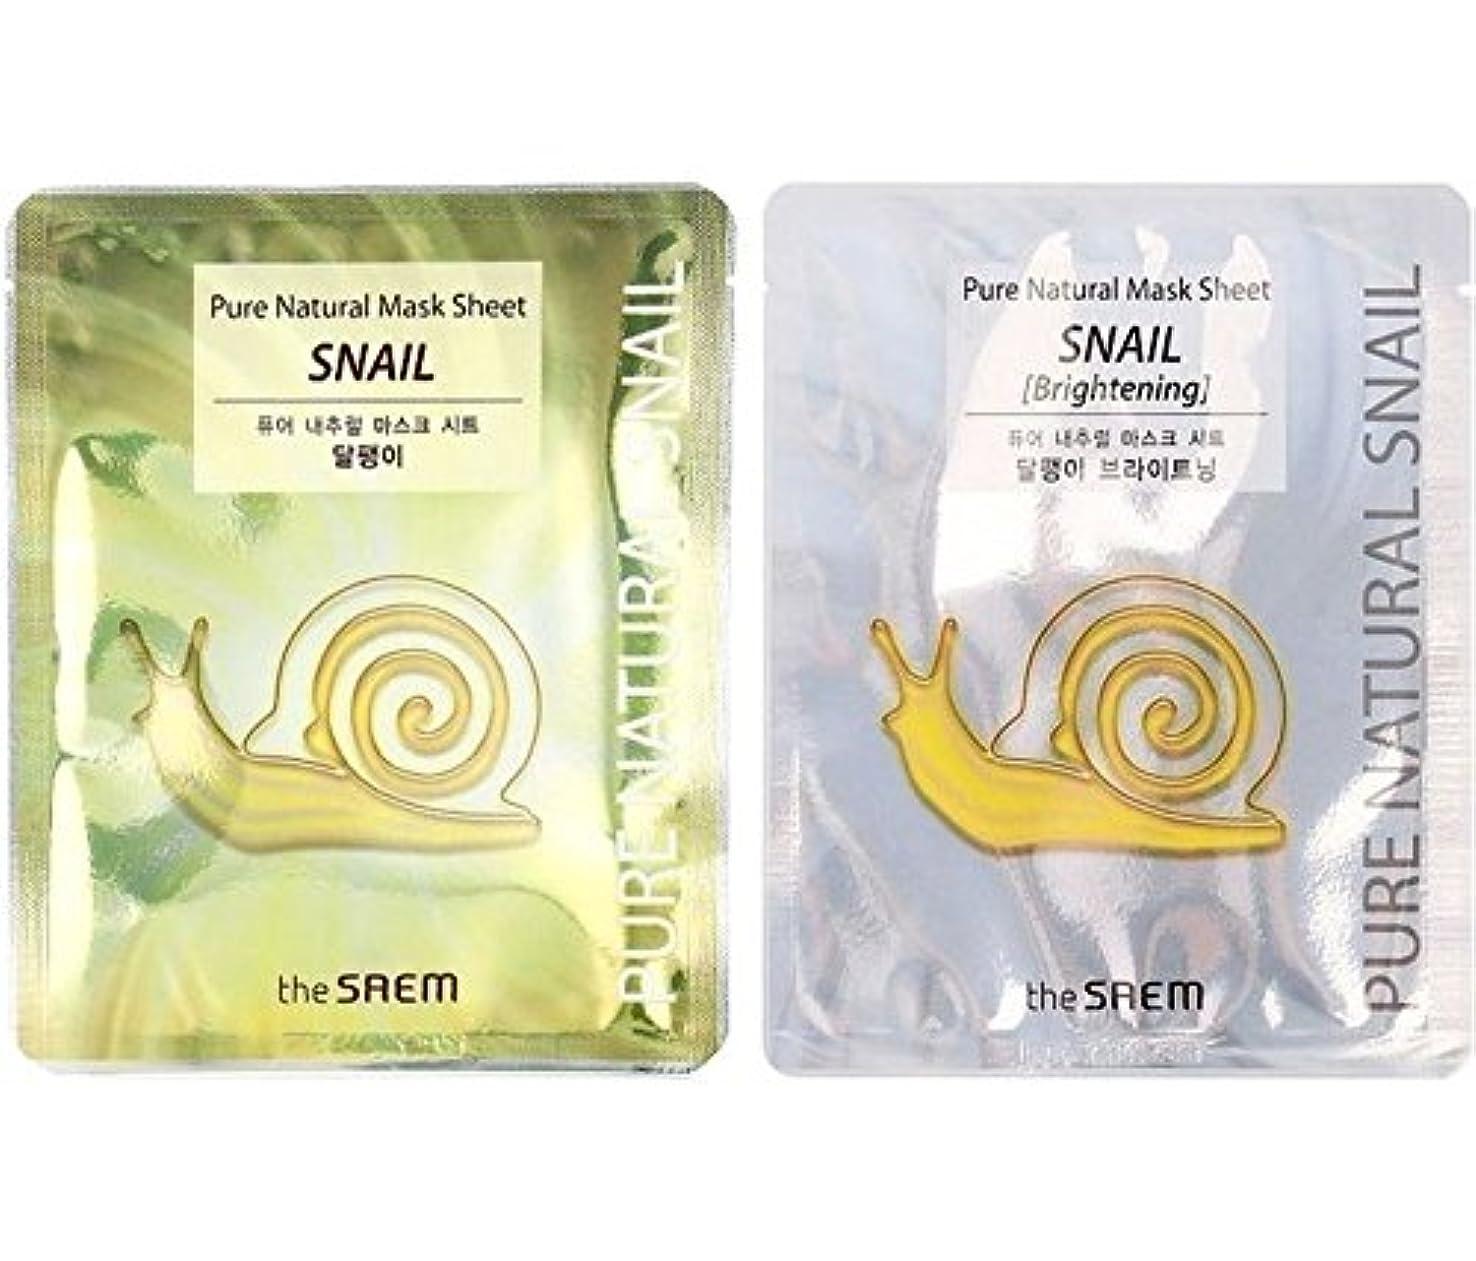 ポータル古代キャプチャー(ザセム) The Saem 韓国マスクパックカタツムリ20枚セット(10+10) ピュアナチュラルマスクシートスネイルブライトニング Pure Natural Mask Sheet Snail Brightening...